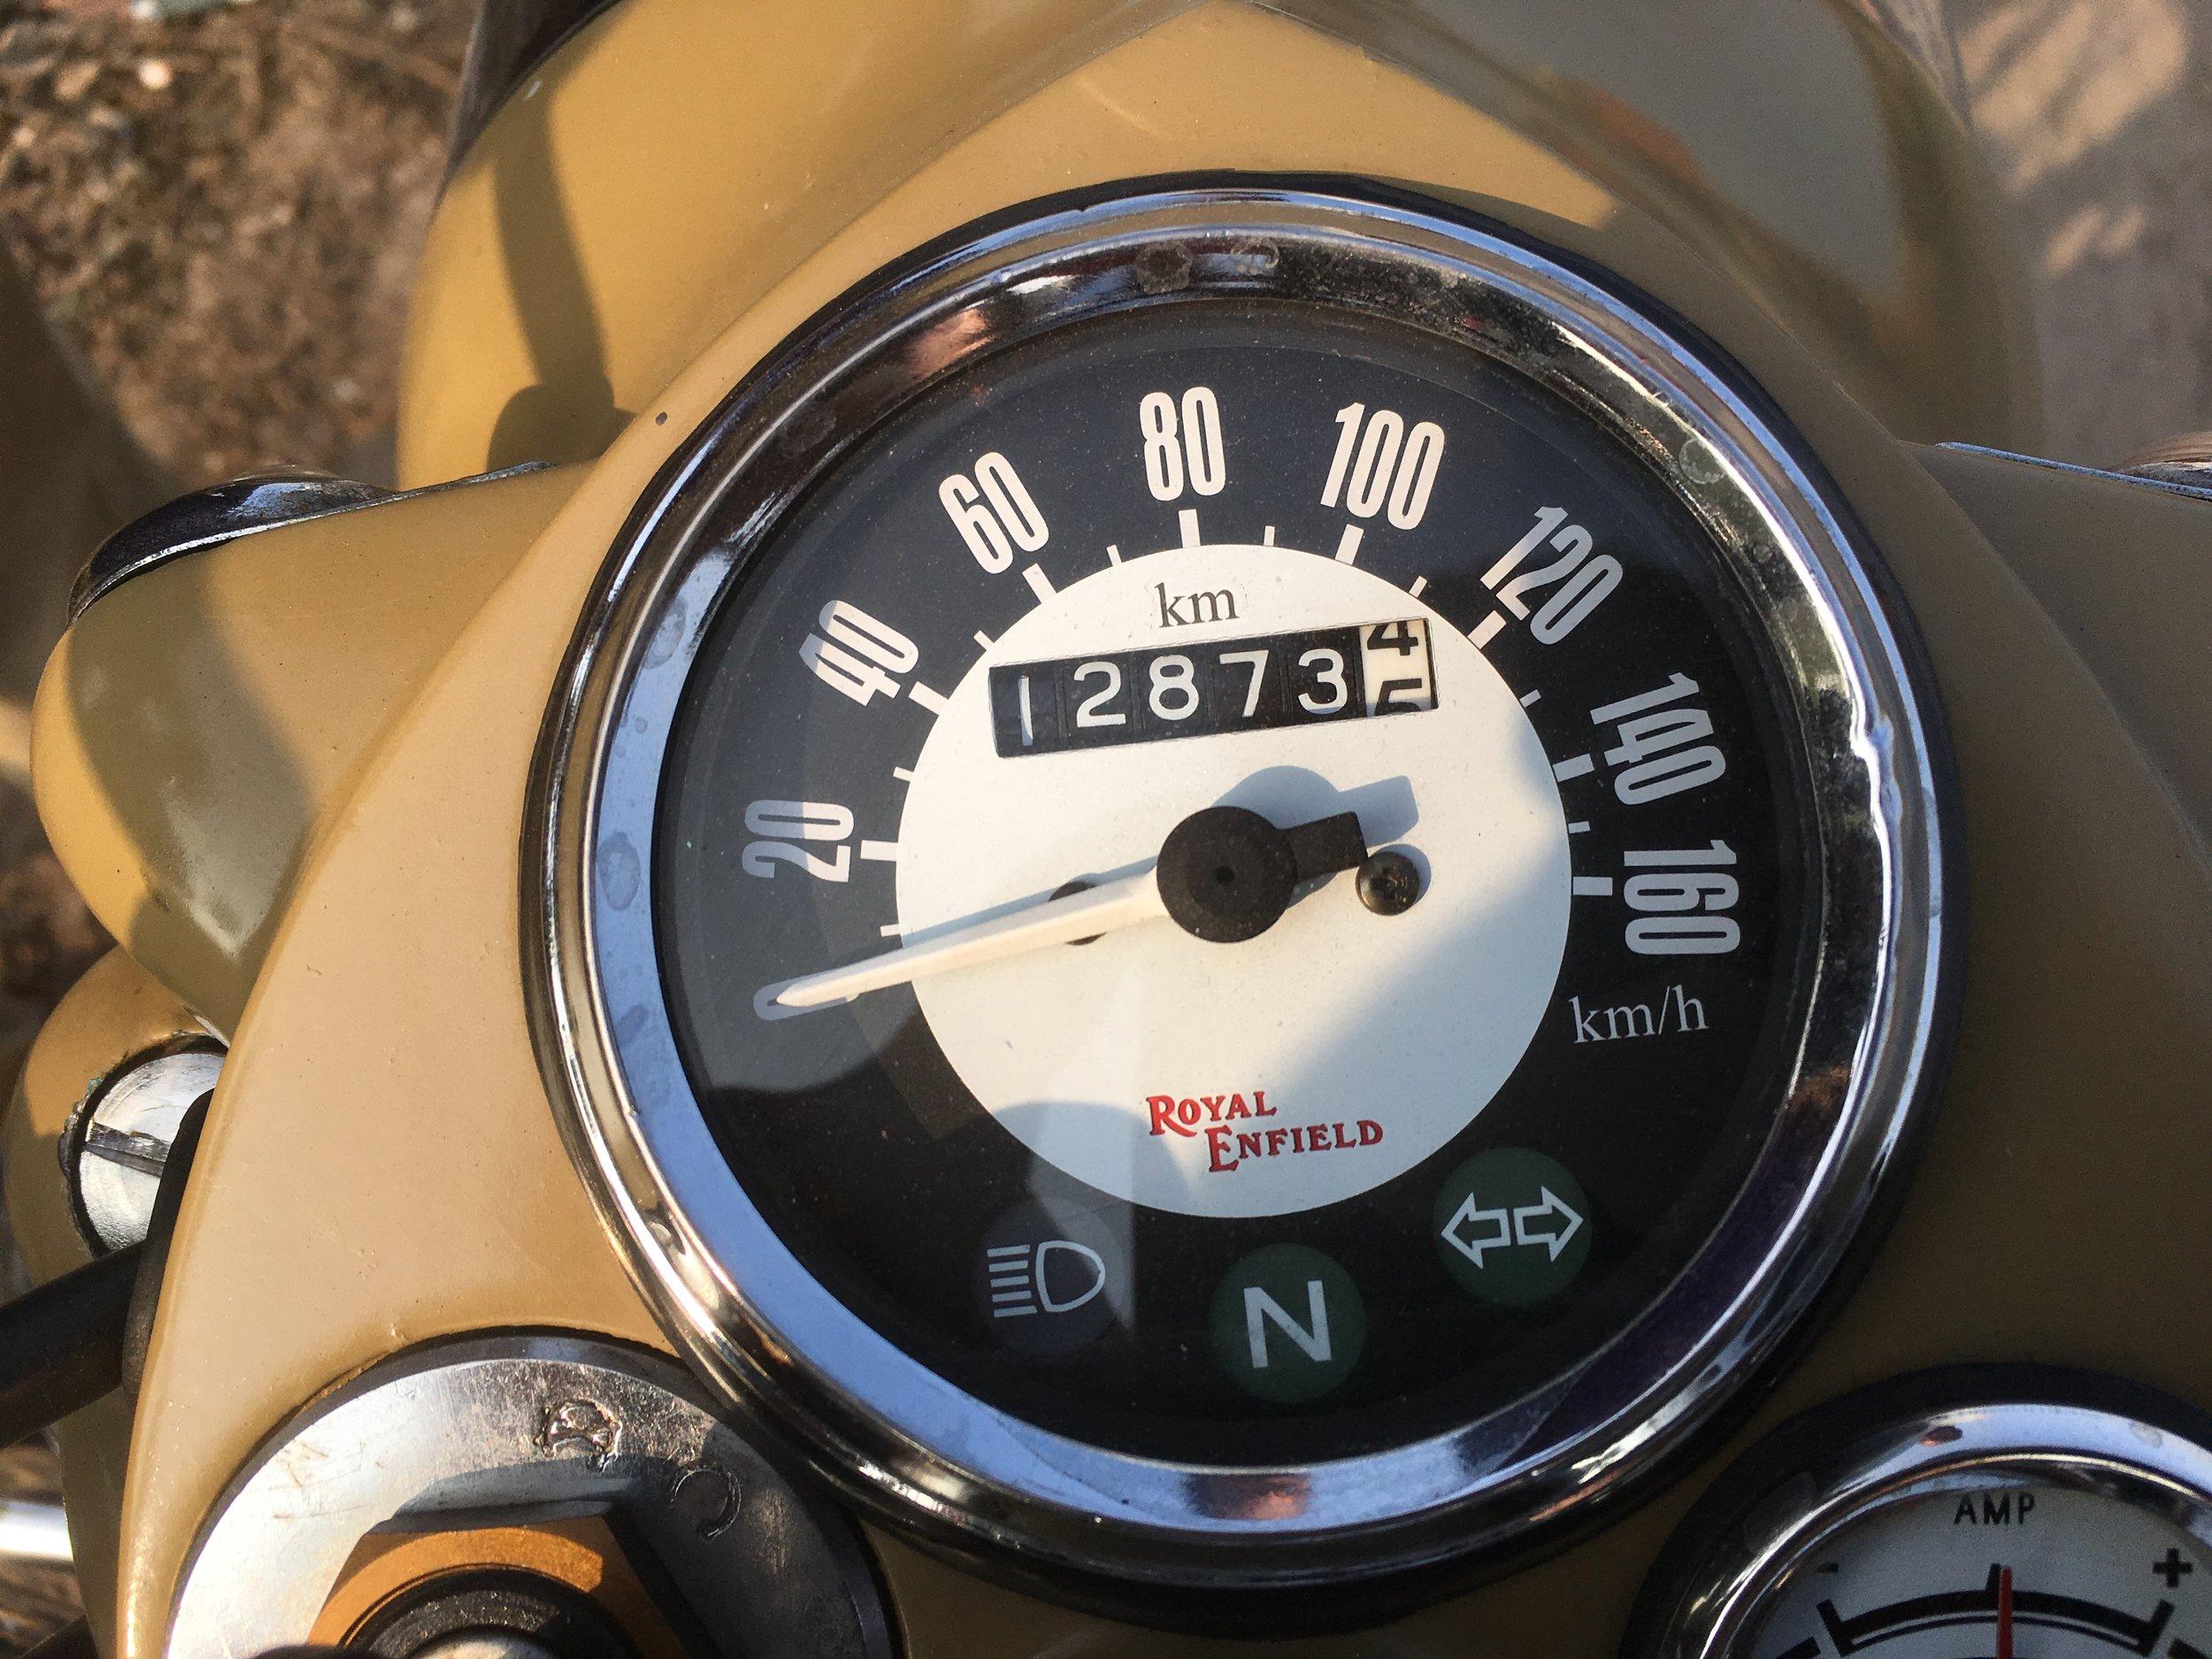 Virallinen mittarilukema - tästä kuva matkan lopussa ja saadaan ajettu matka laskettua...